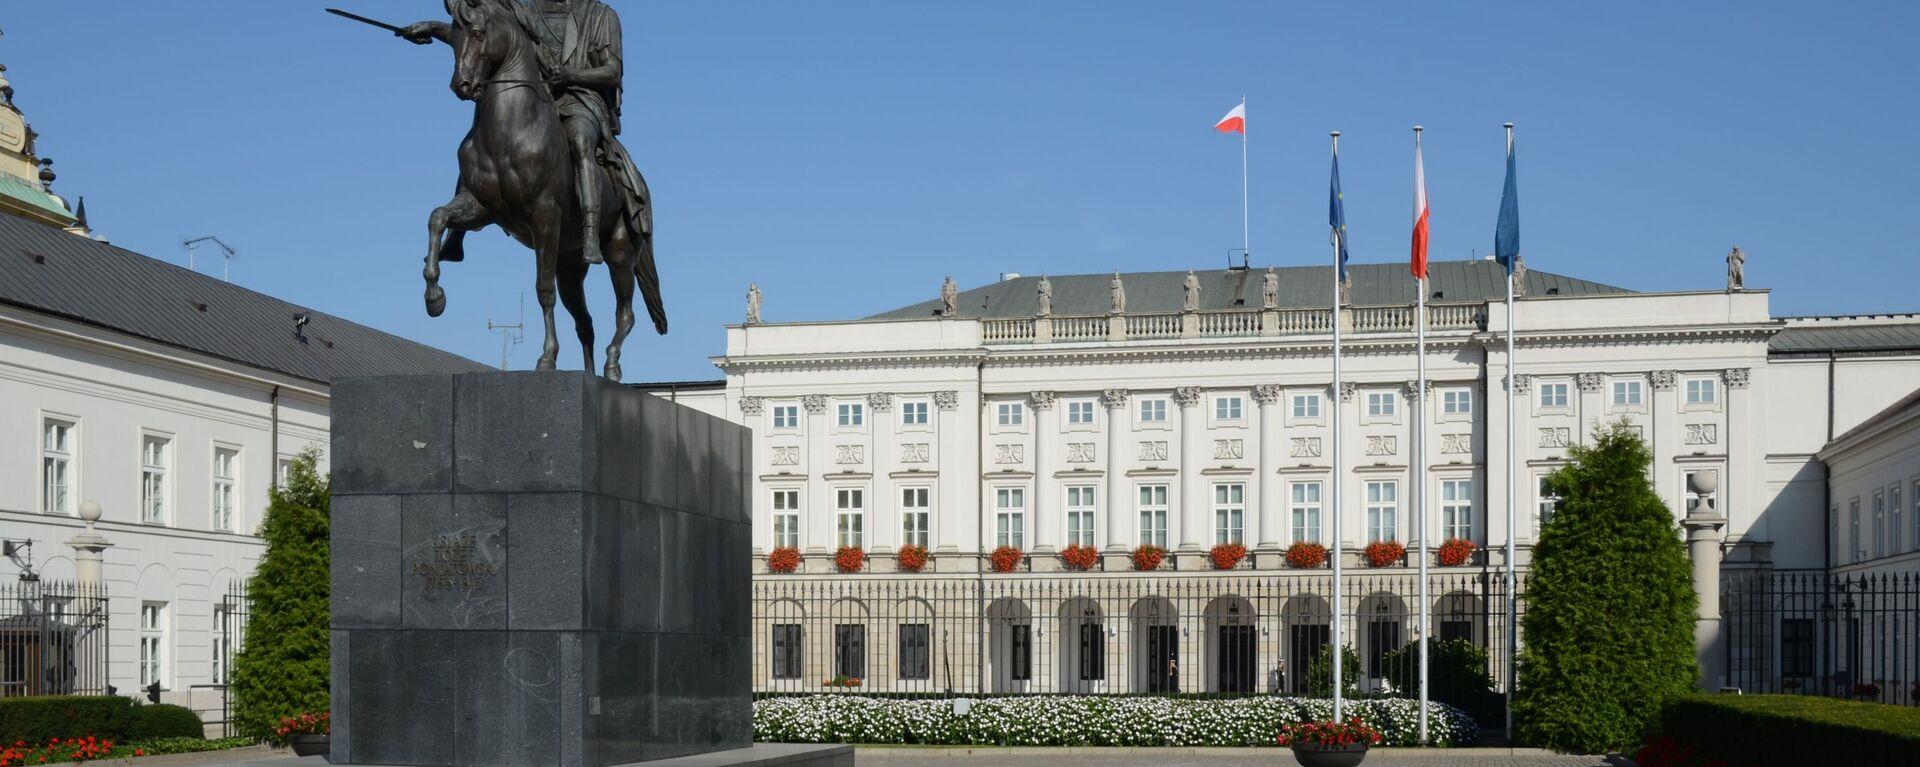 Pałac Prezydencki w Warszawie - Sputnik Polska, 1920, 14.08.2021